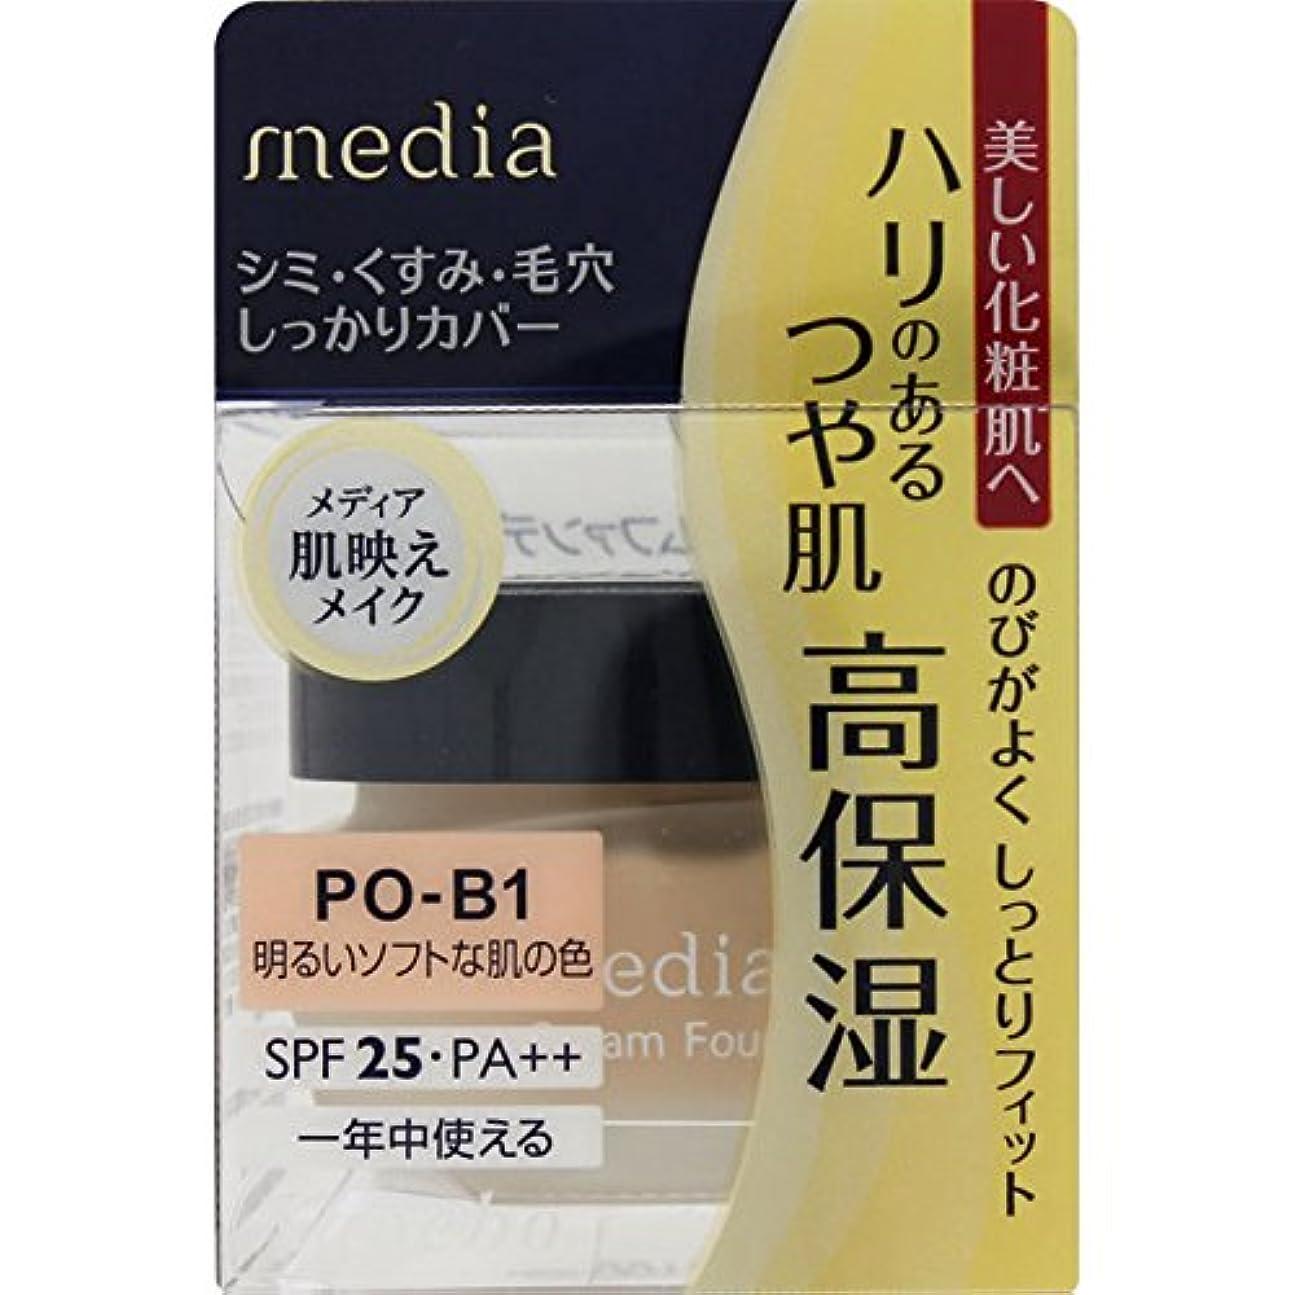 草早める洋服カネボウ化粧品 メディア クリームファンデーション 明るいソフトな肌の色 POーB1